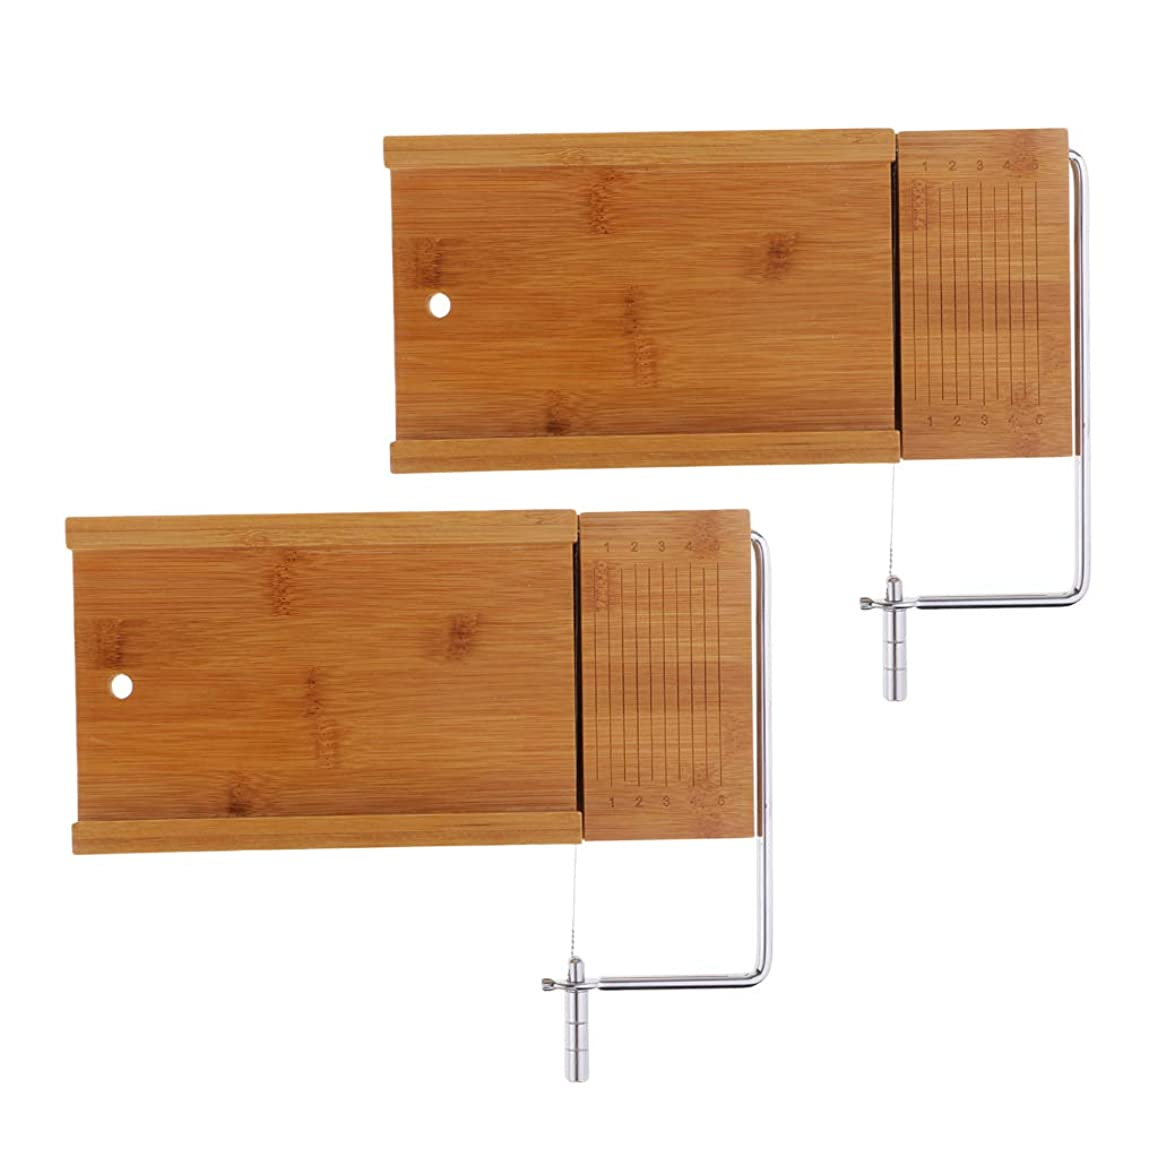 入札正確適合gazechimp 2個入り ソープスライサー ソープカッター 台 木質 せっけんカッター ワイヤー 石鹸切削工具 耐久性